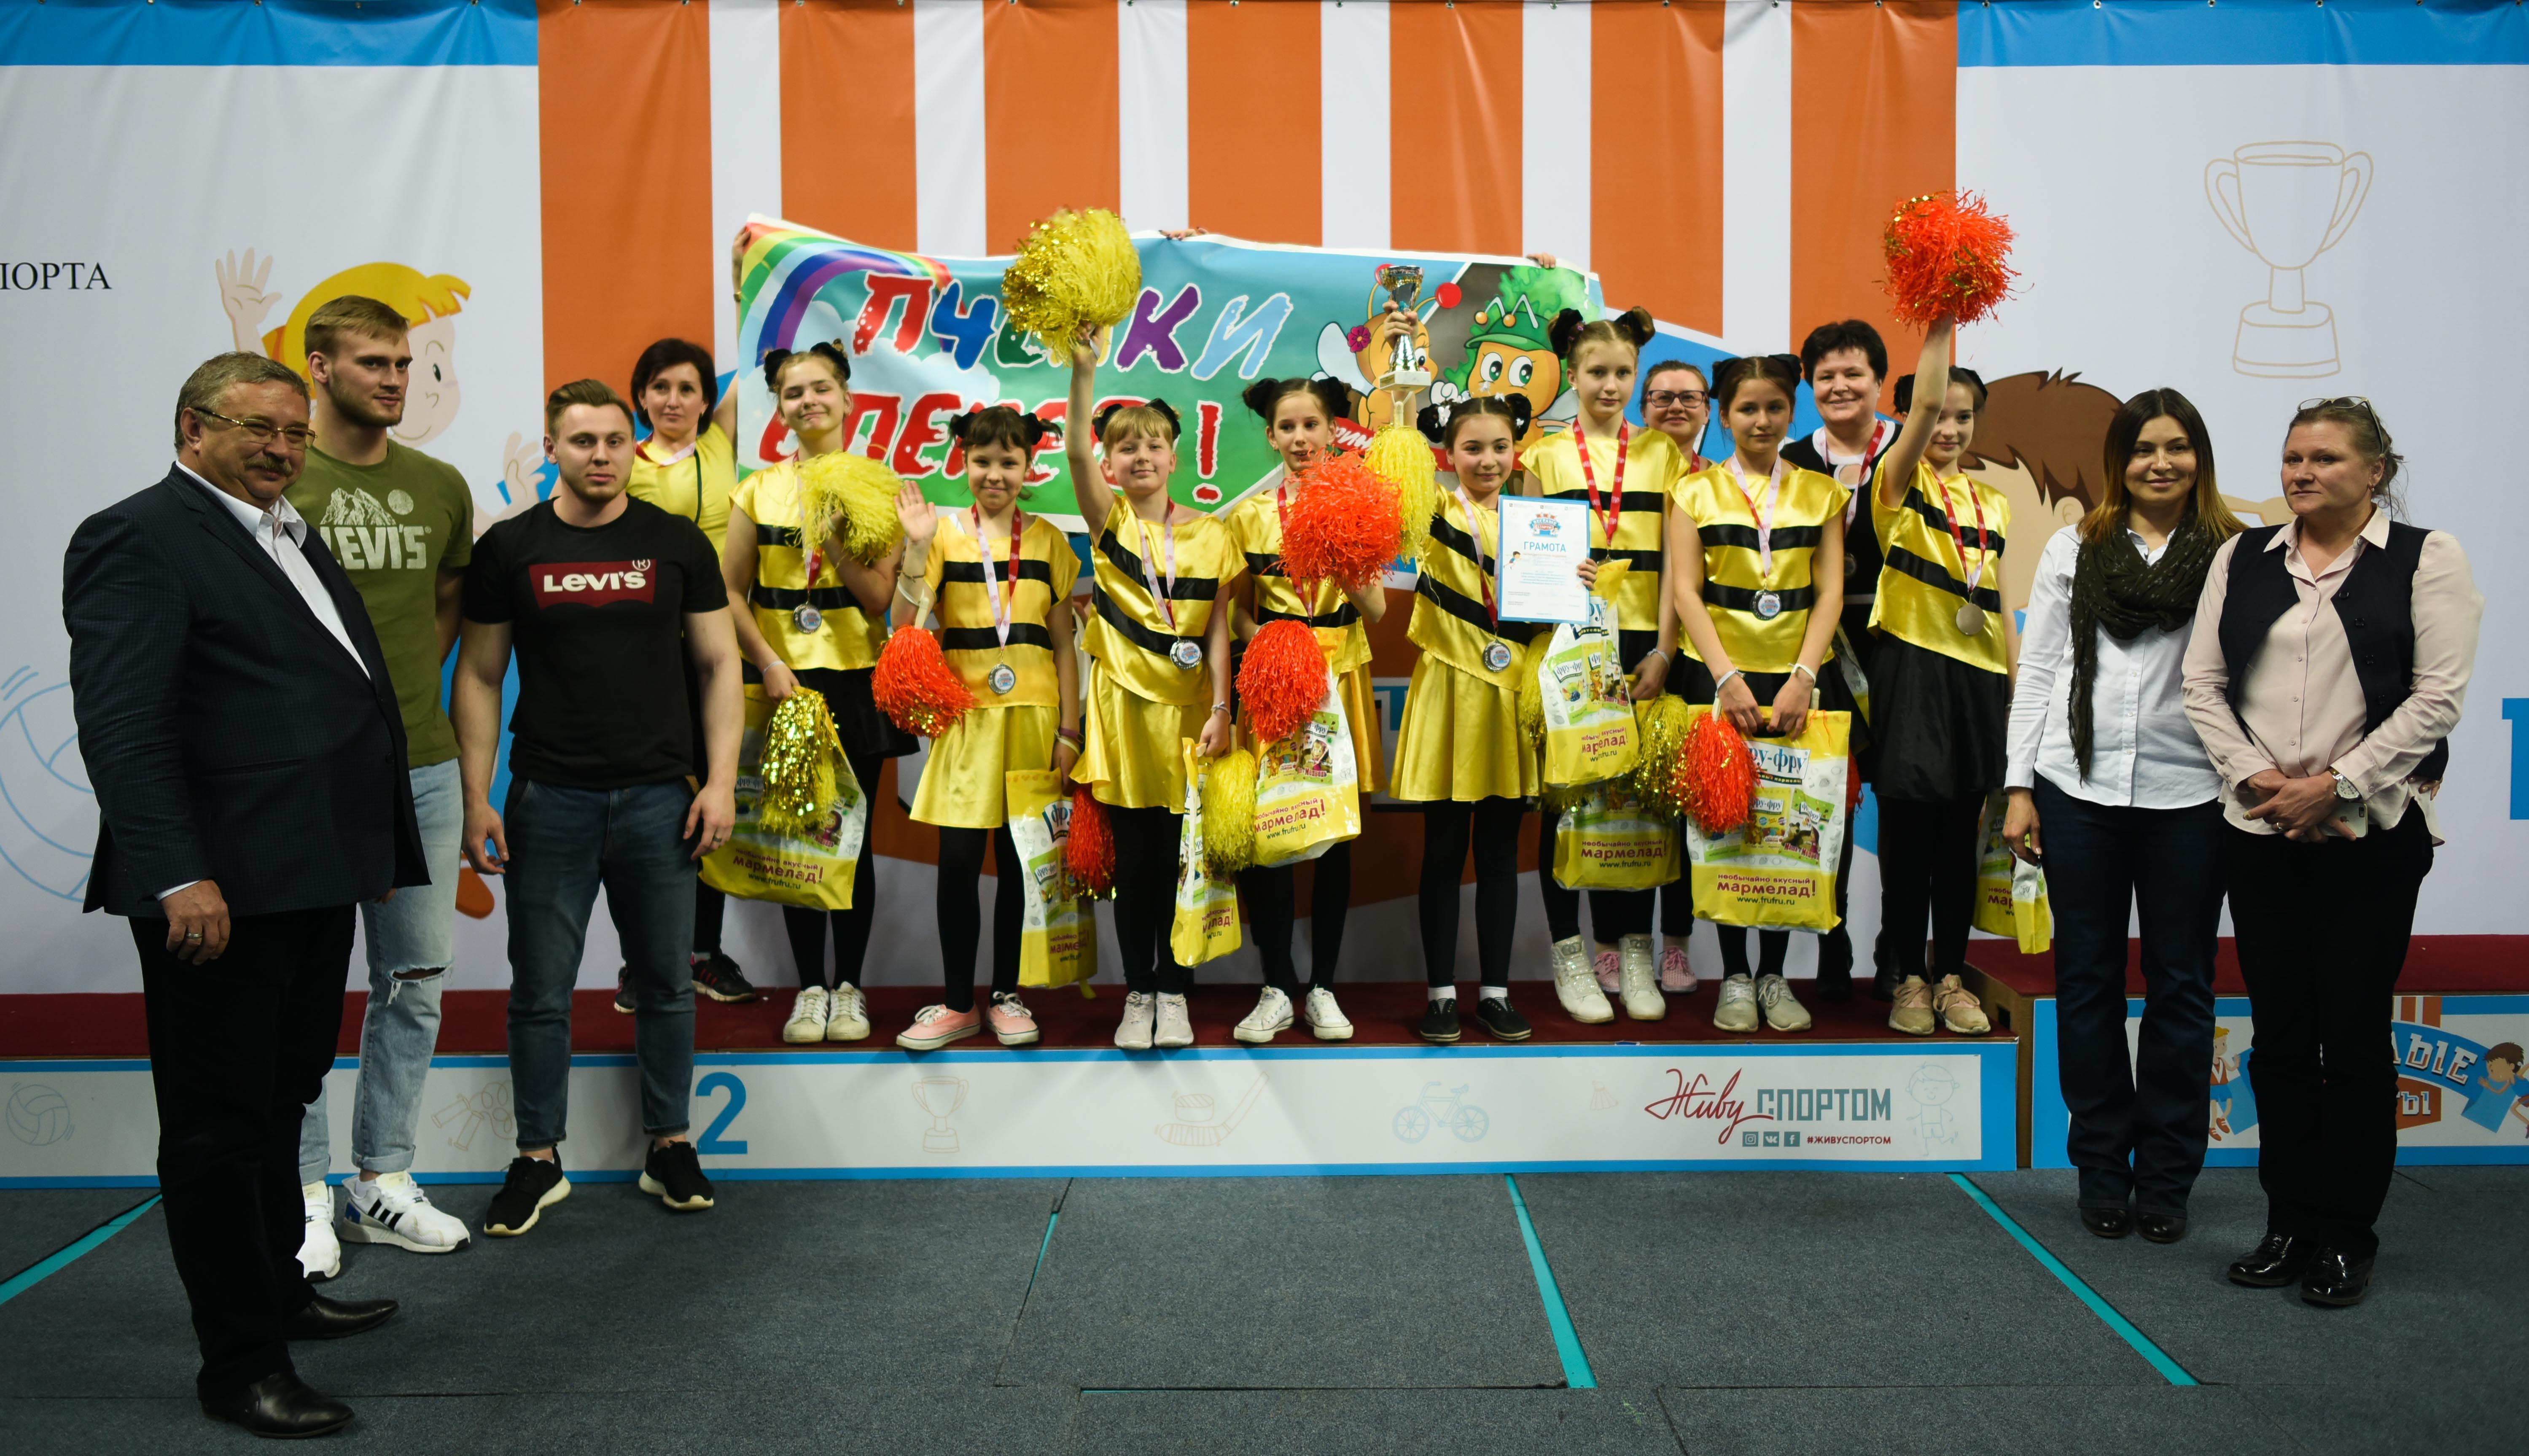 Школа Коломенского городского округа получила денежный приз за второе место на областных соревнованиях